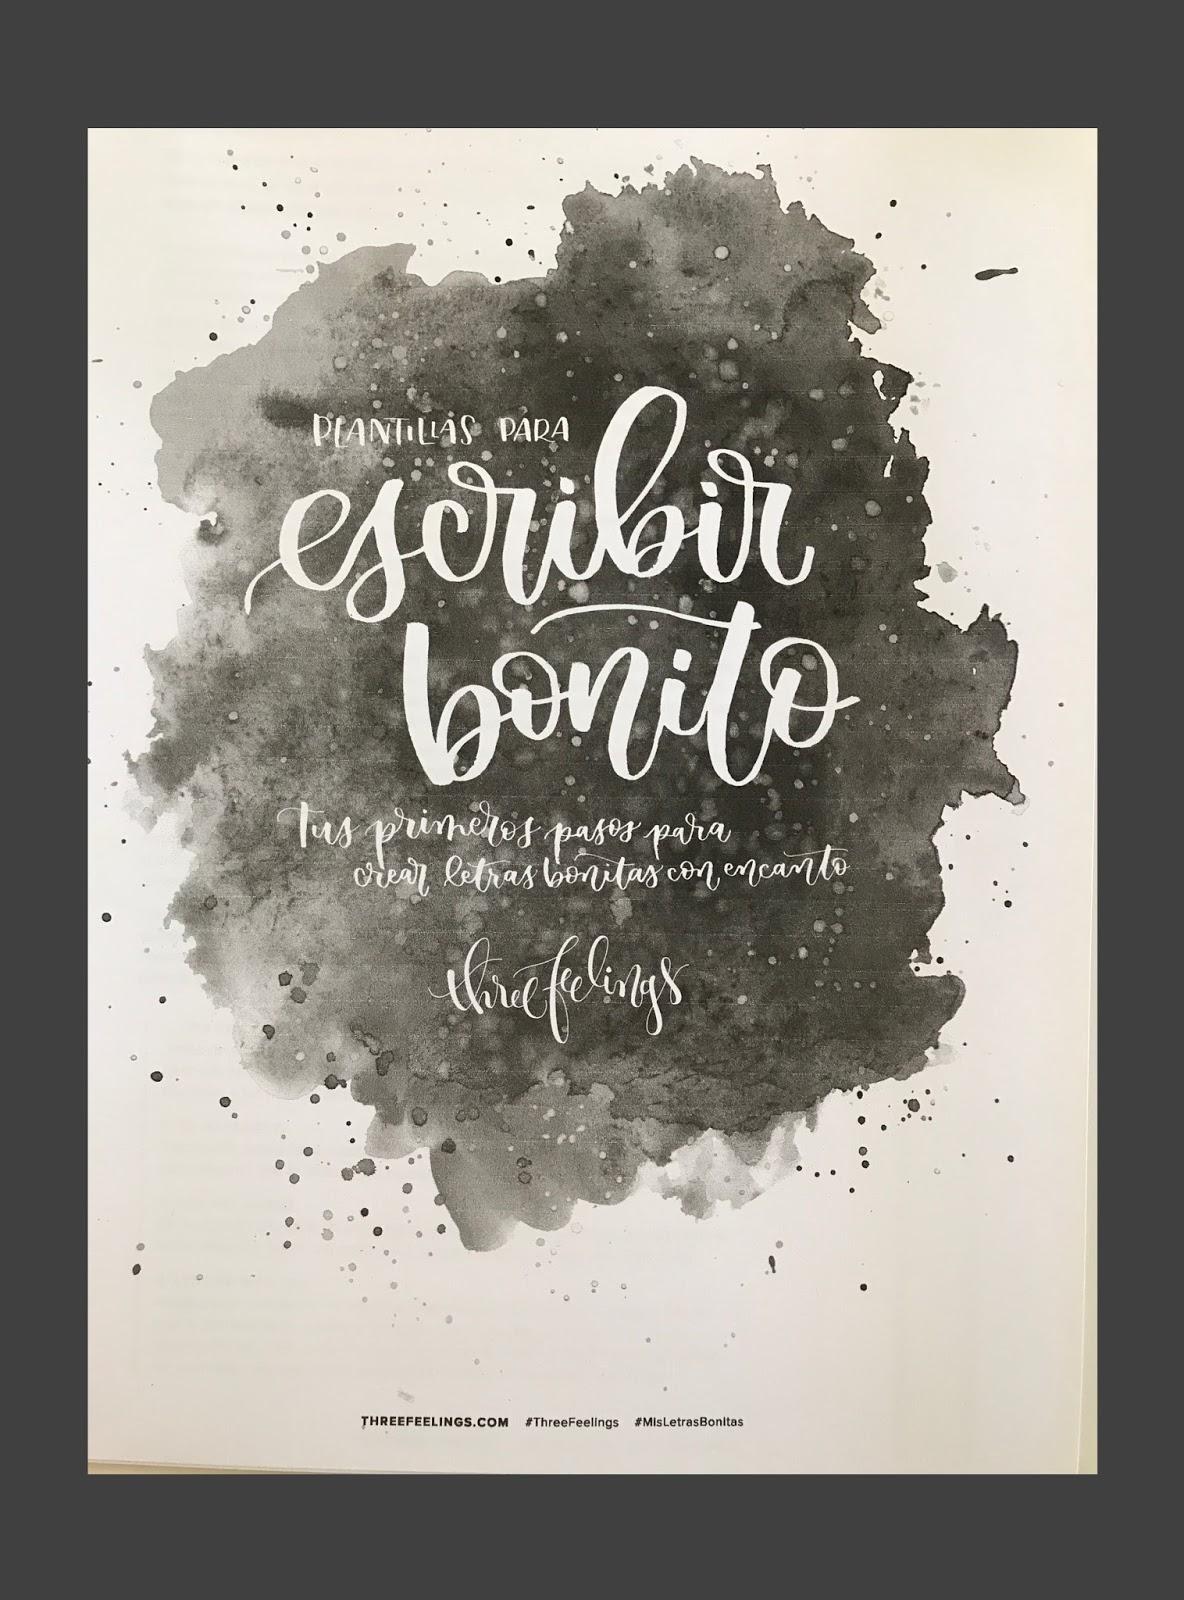 Madrid y libros: Lettering: Plantilla para escribir bonito de Three ...